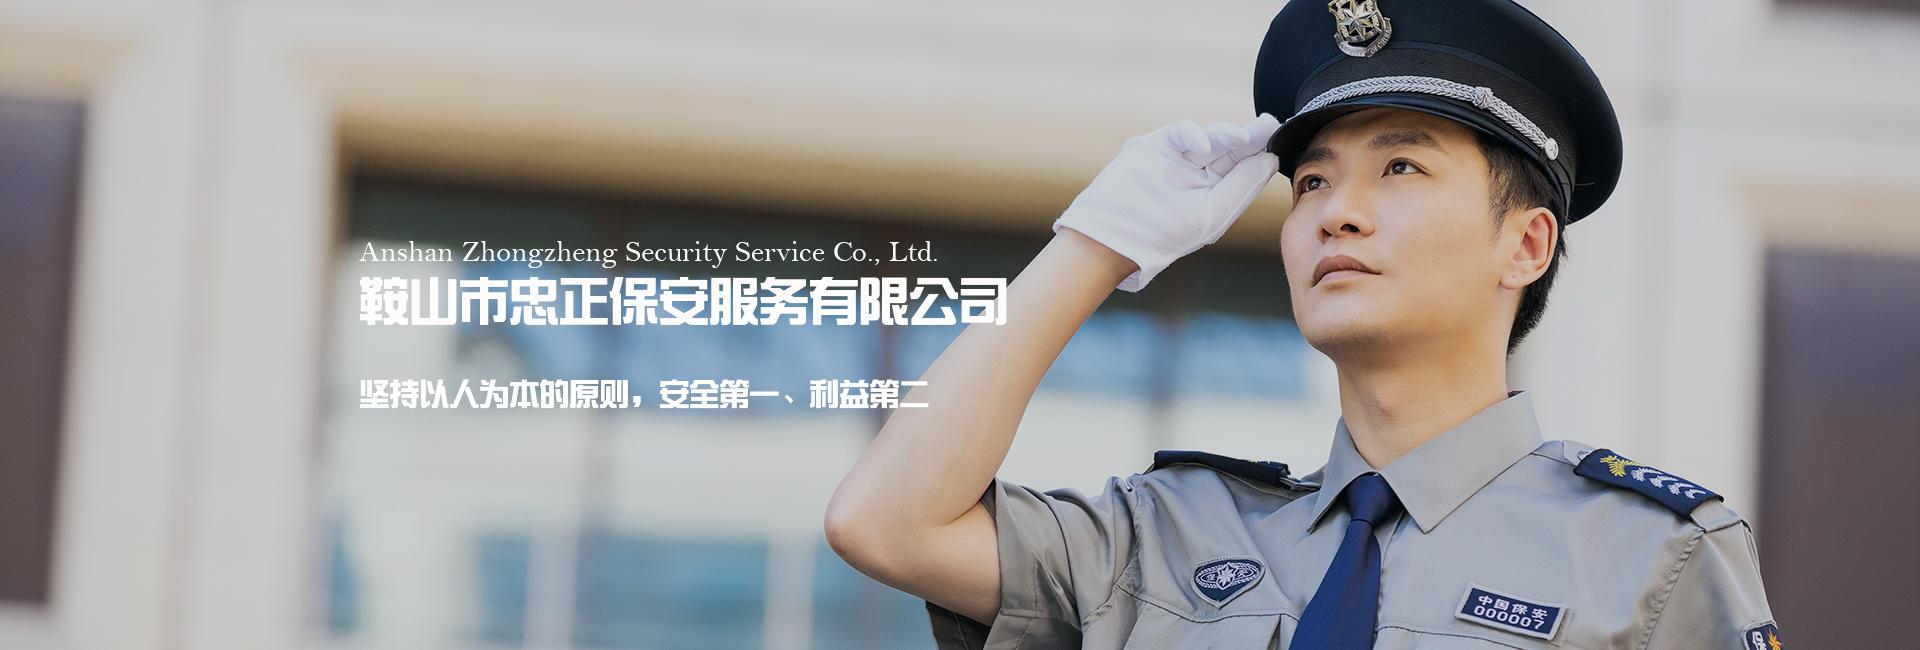 辽宁乐鱼手机版公司